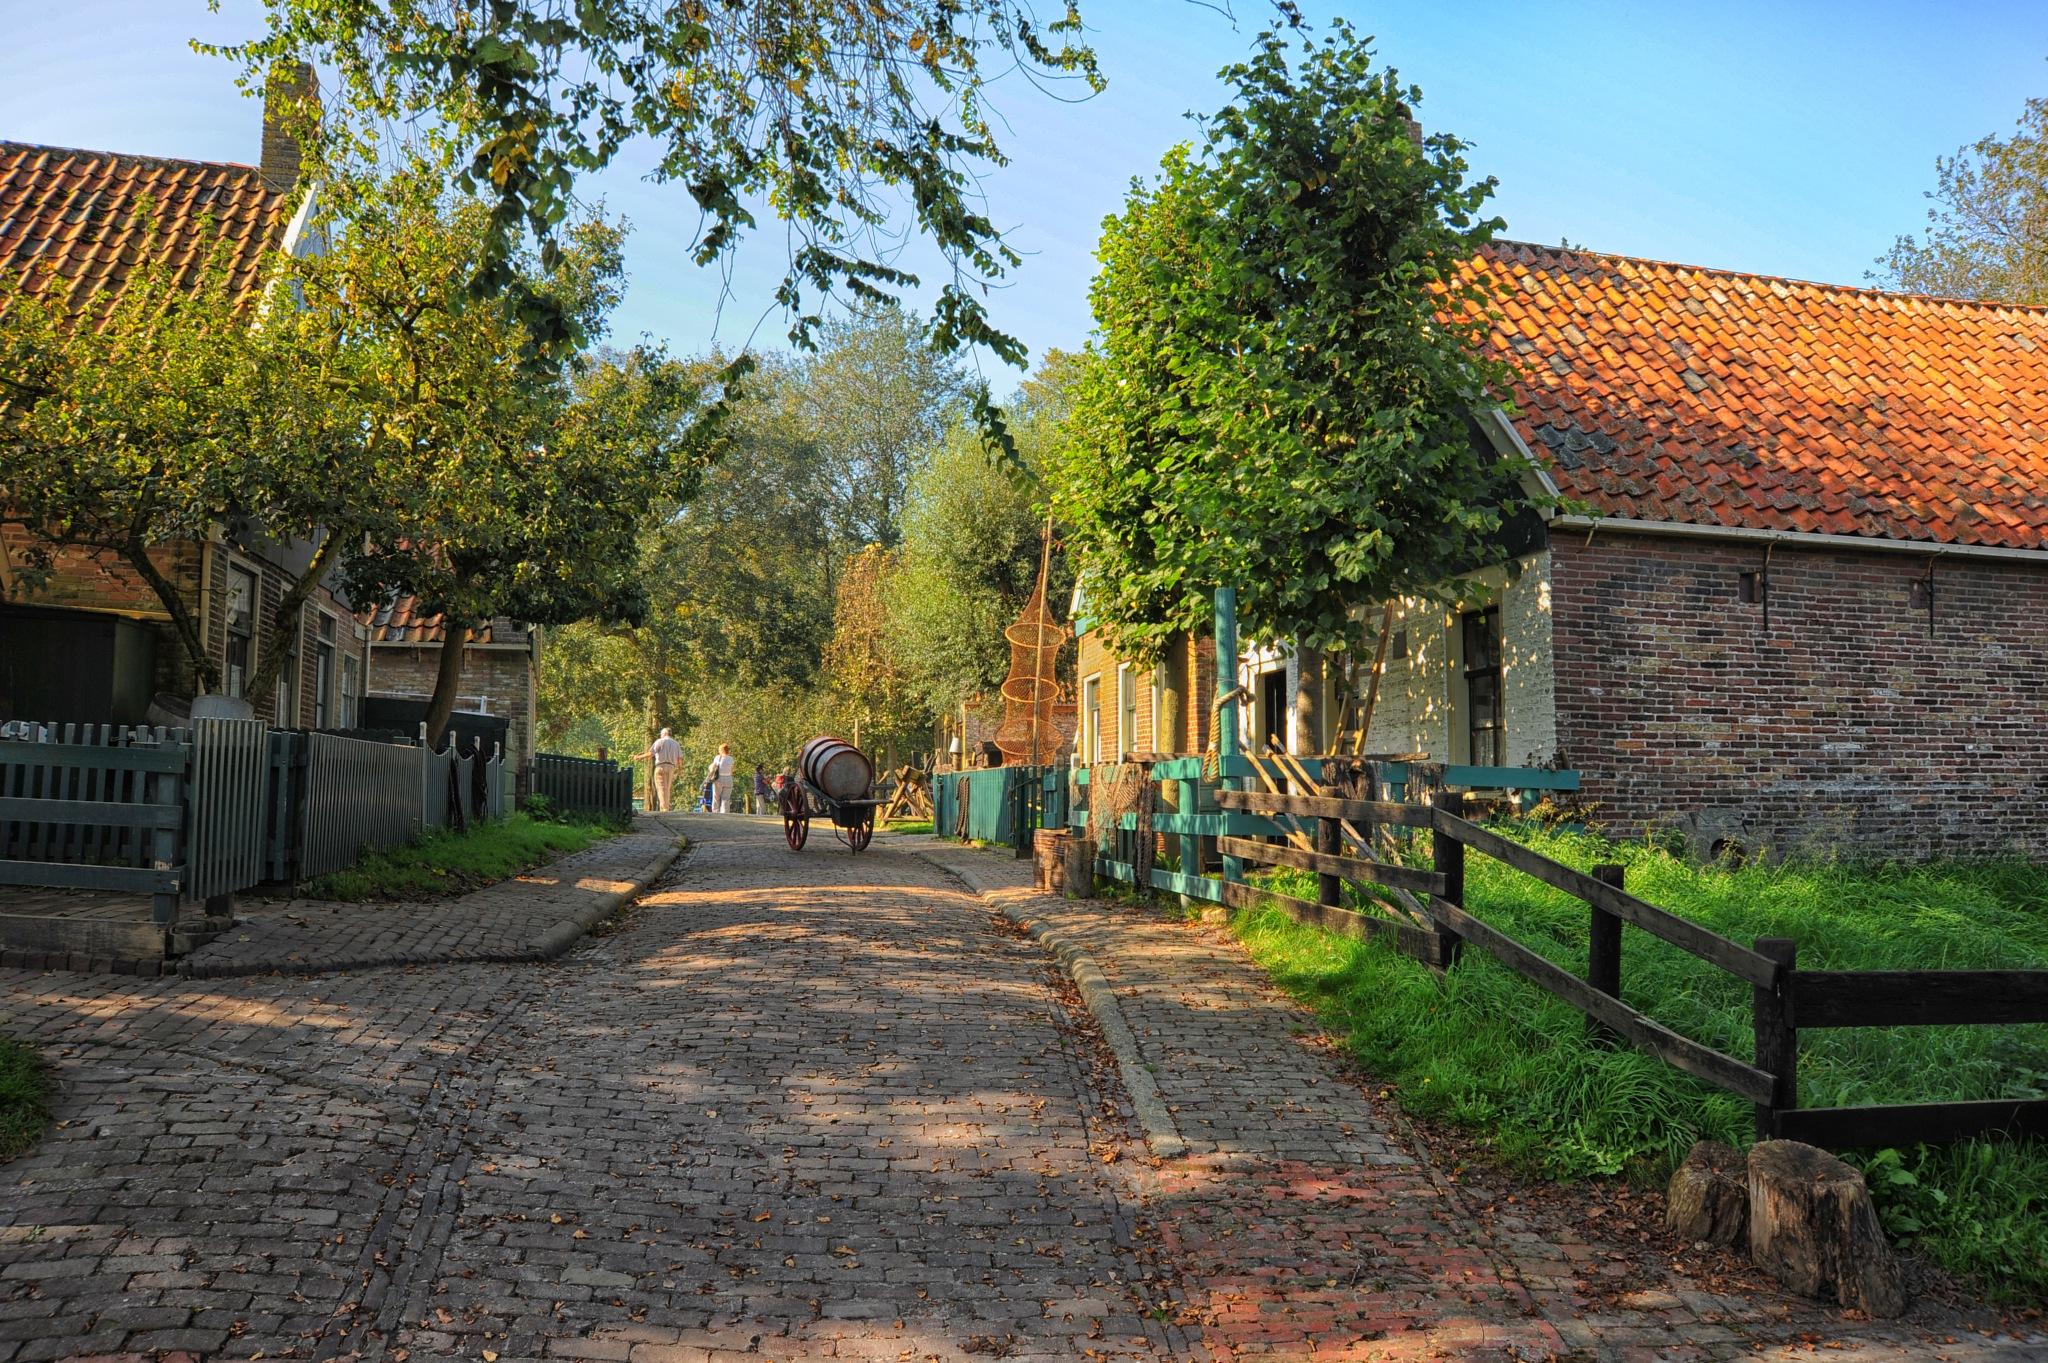 Enkhuizen in the Netherlands by Iet gerritsen